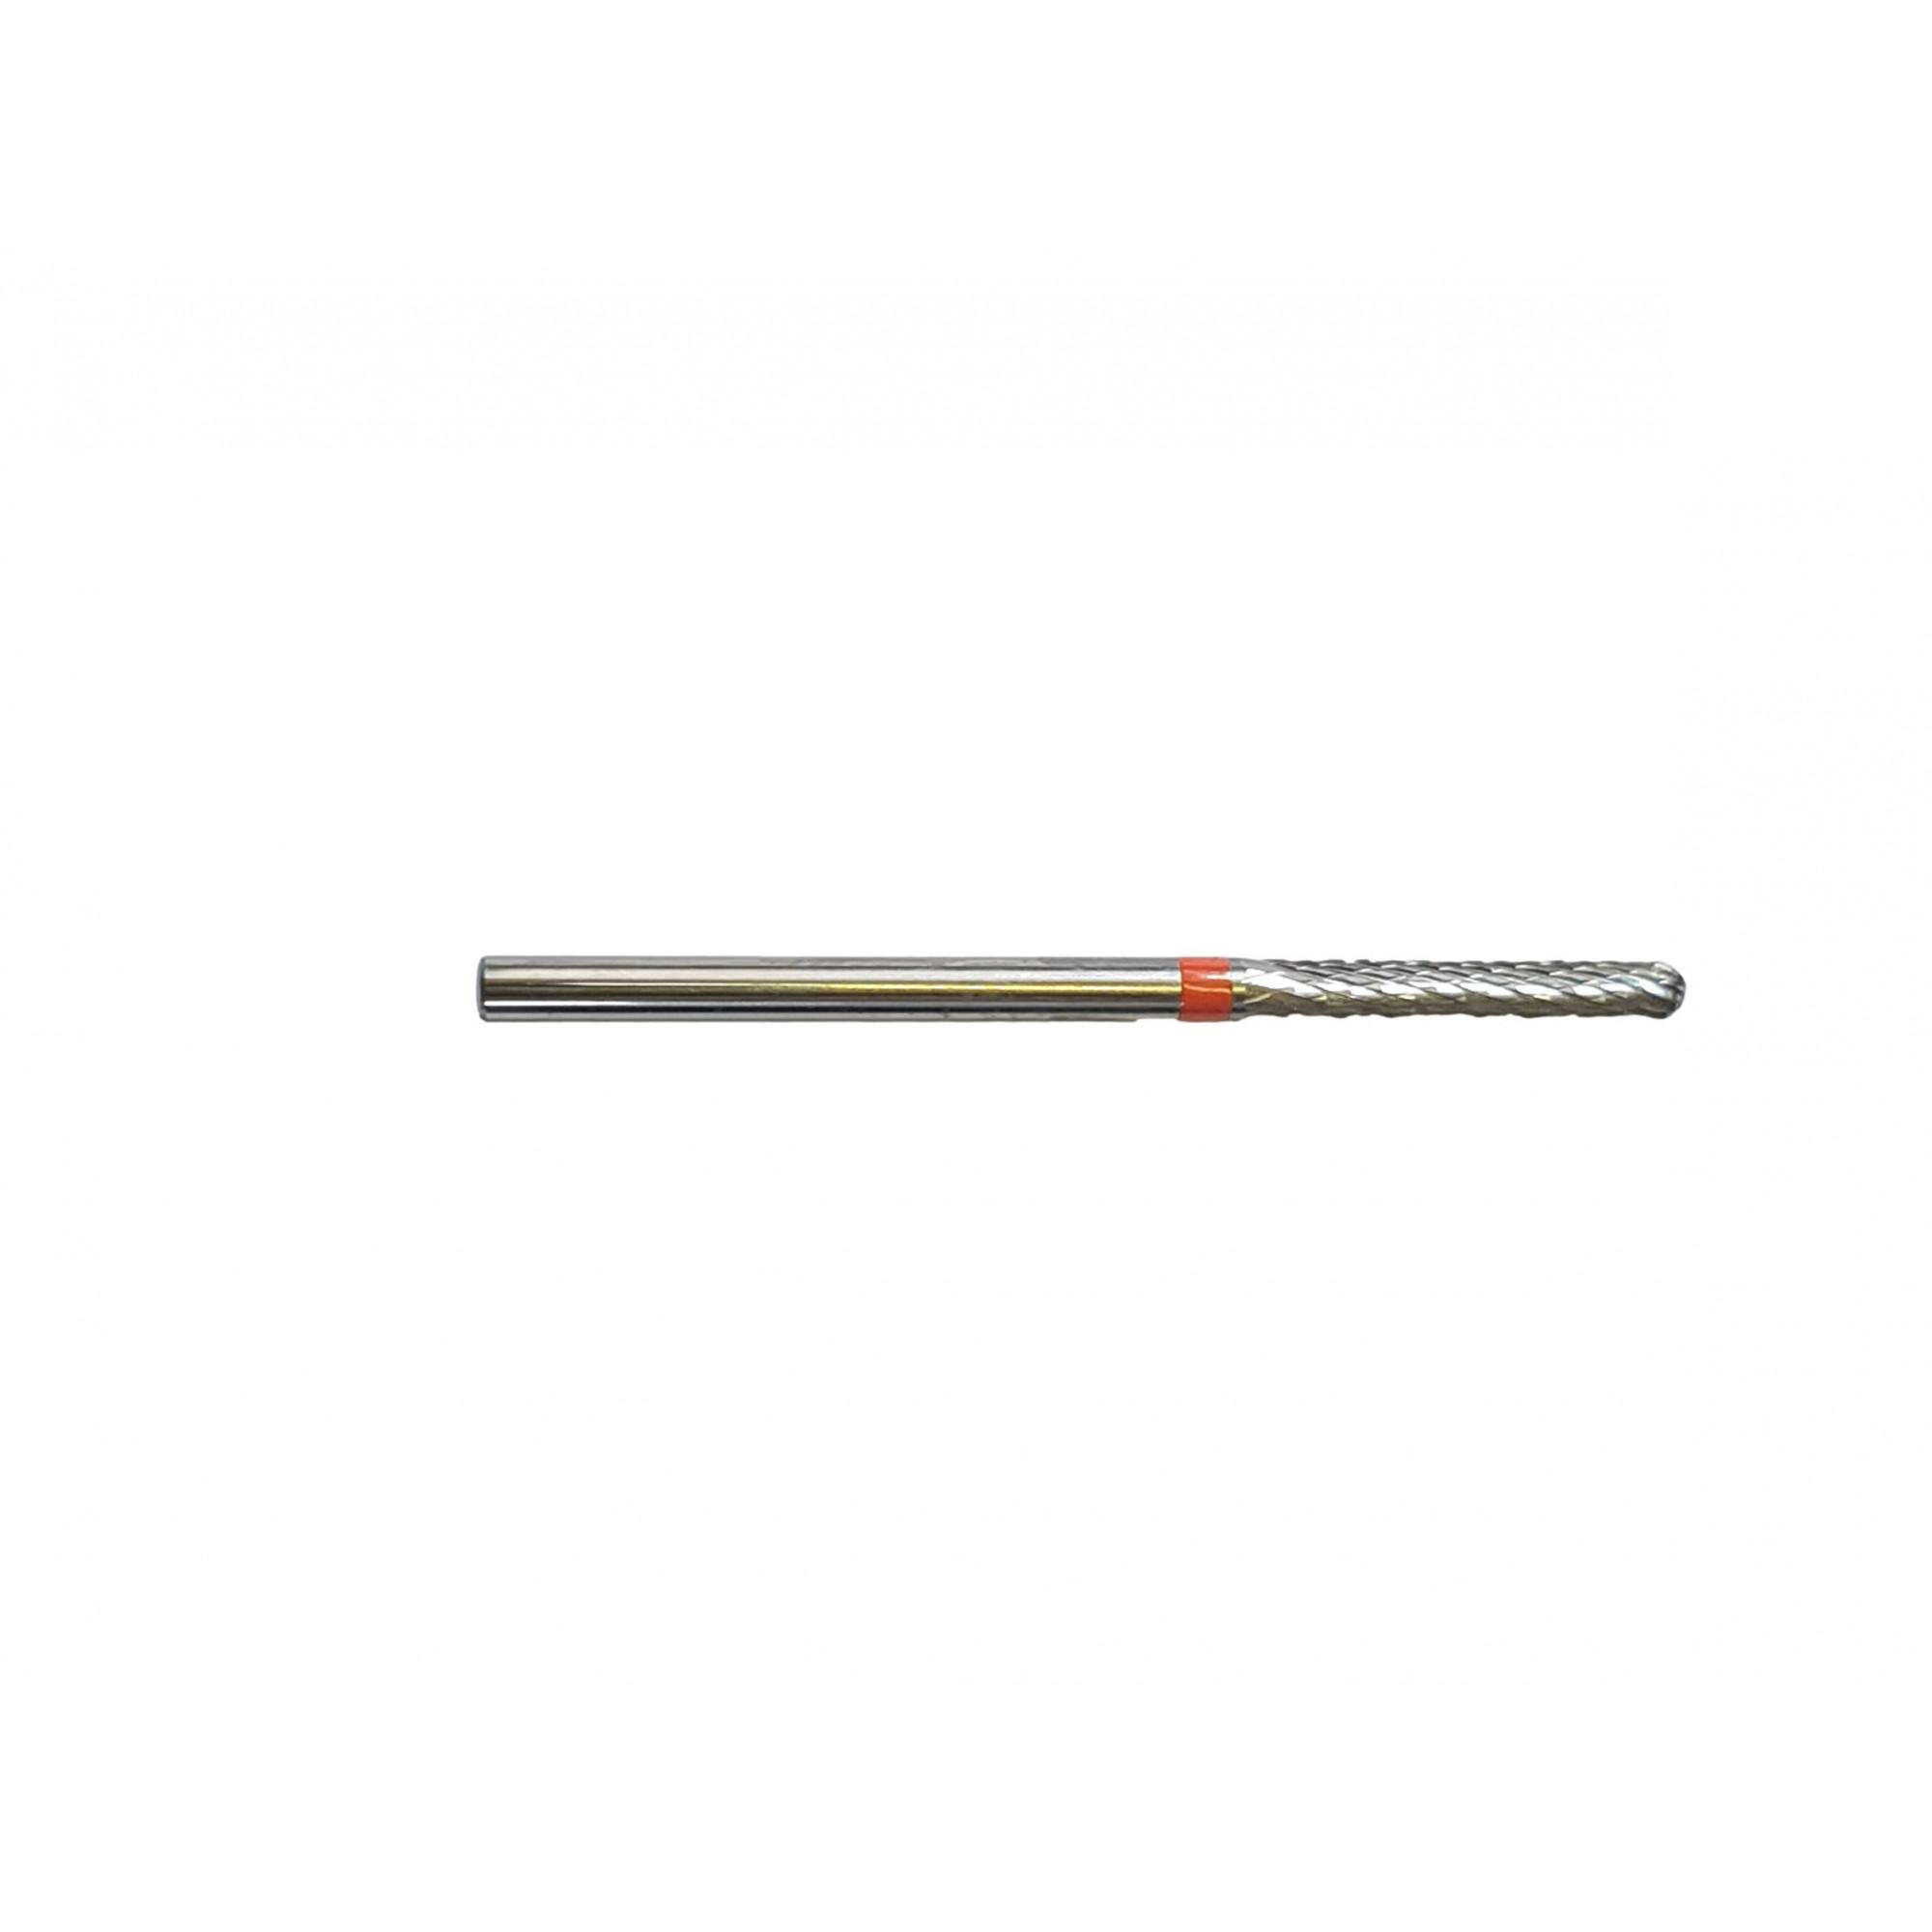 Fraise E0220 Carbure de tungstène - Abrasion et finition des ongles fins - Denture croisée fine - Forme droite - 2,3 mm